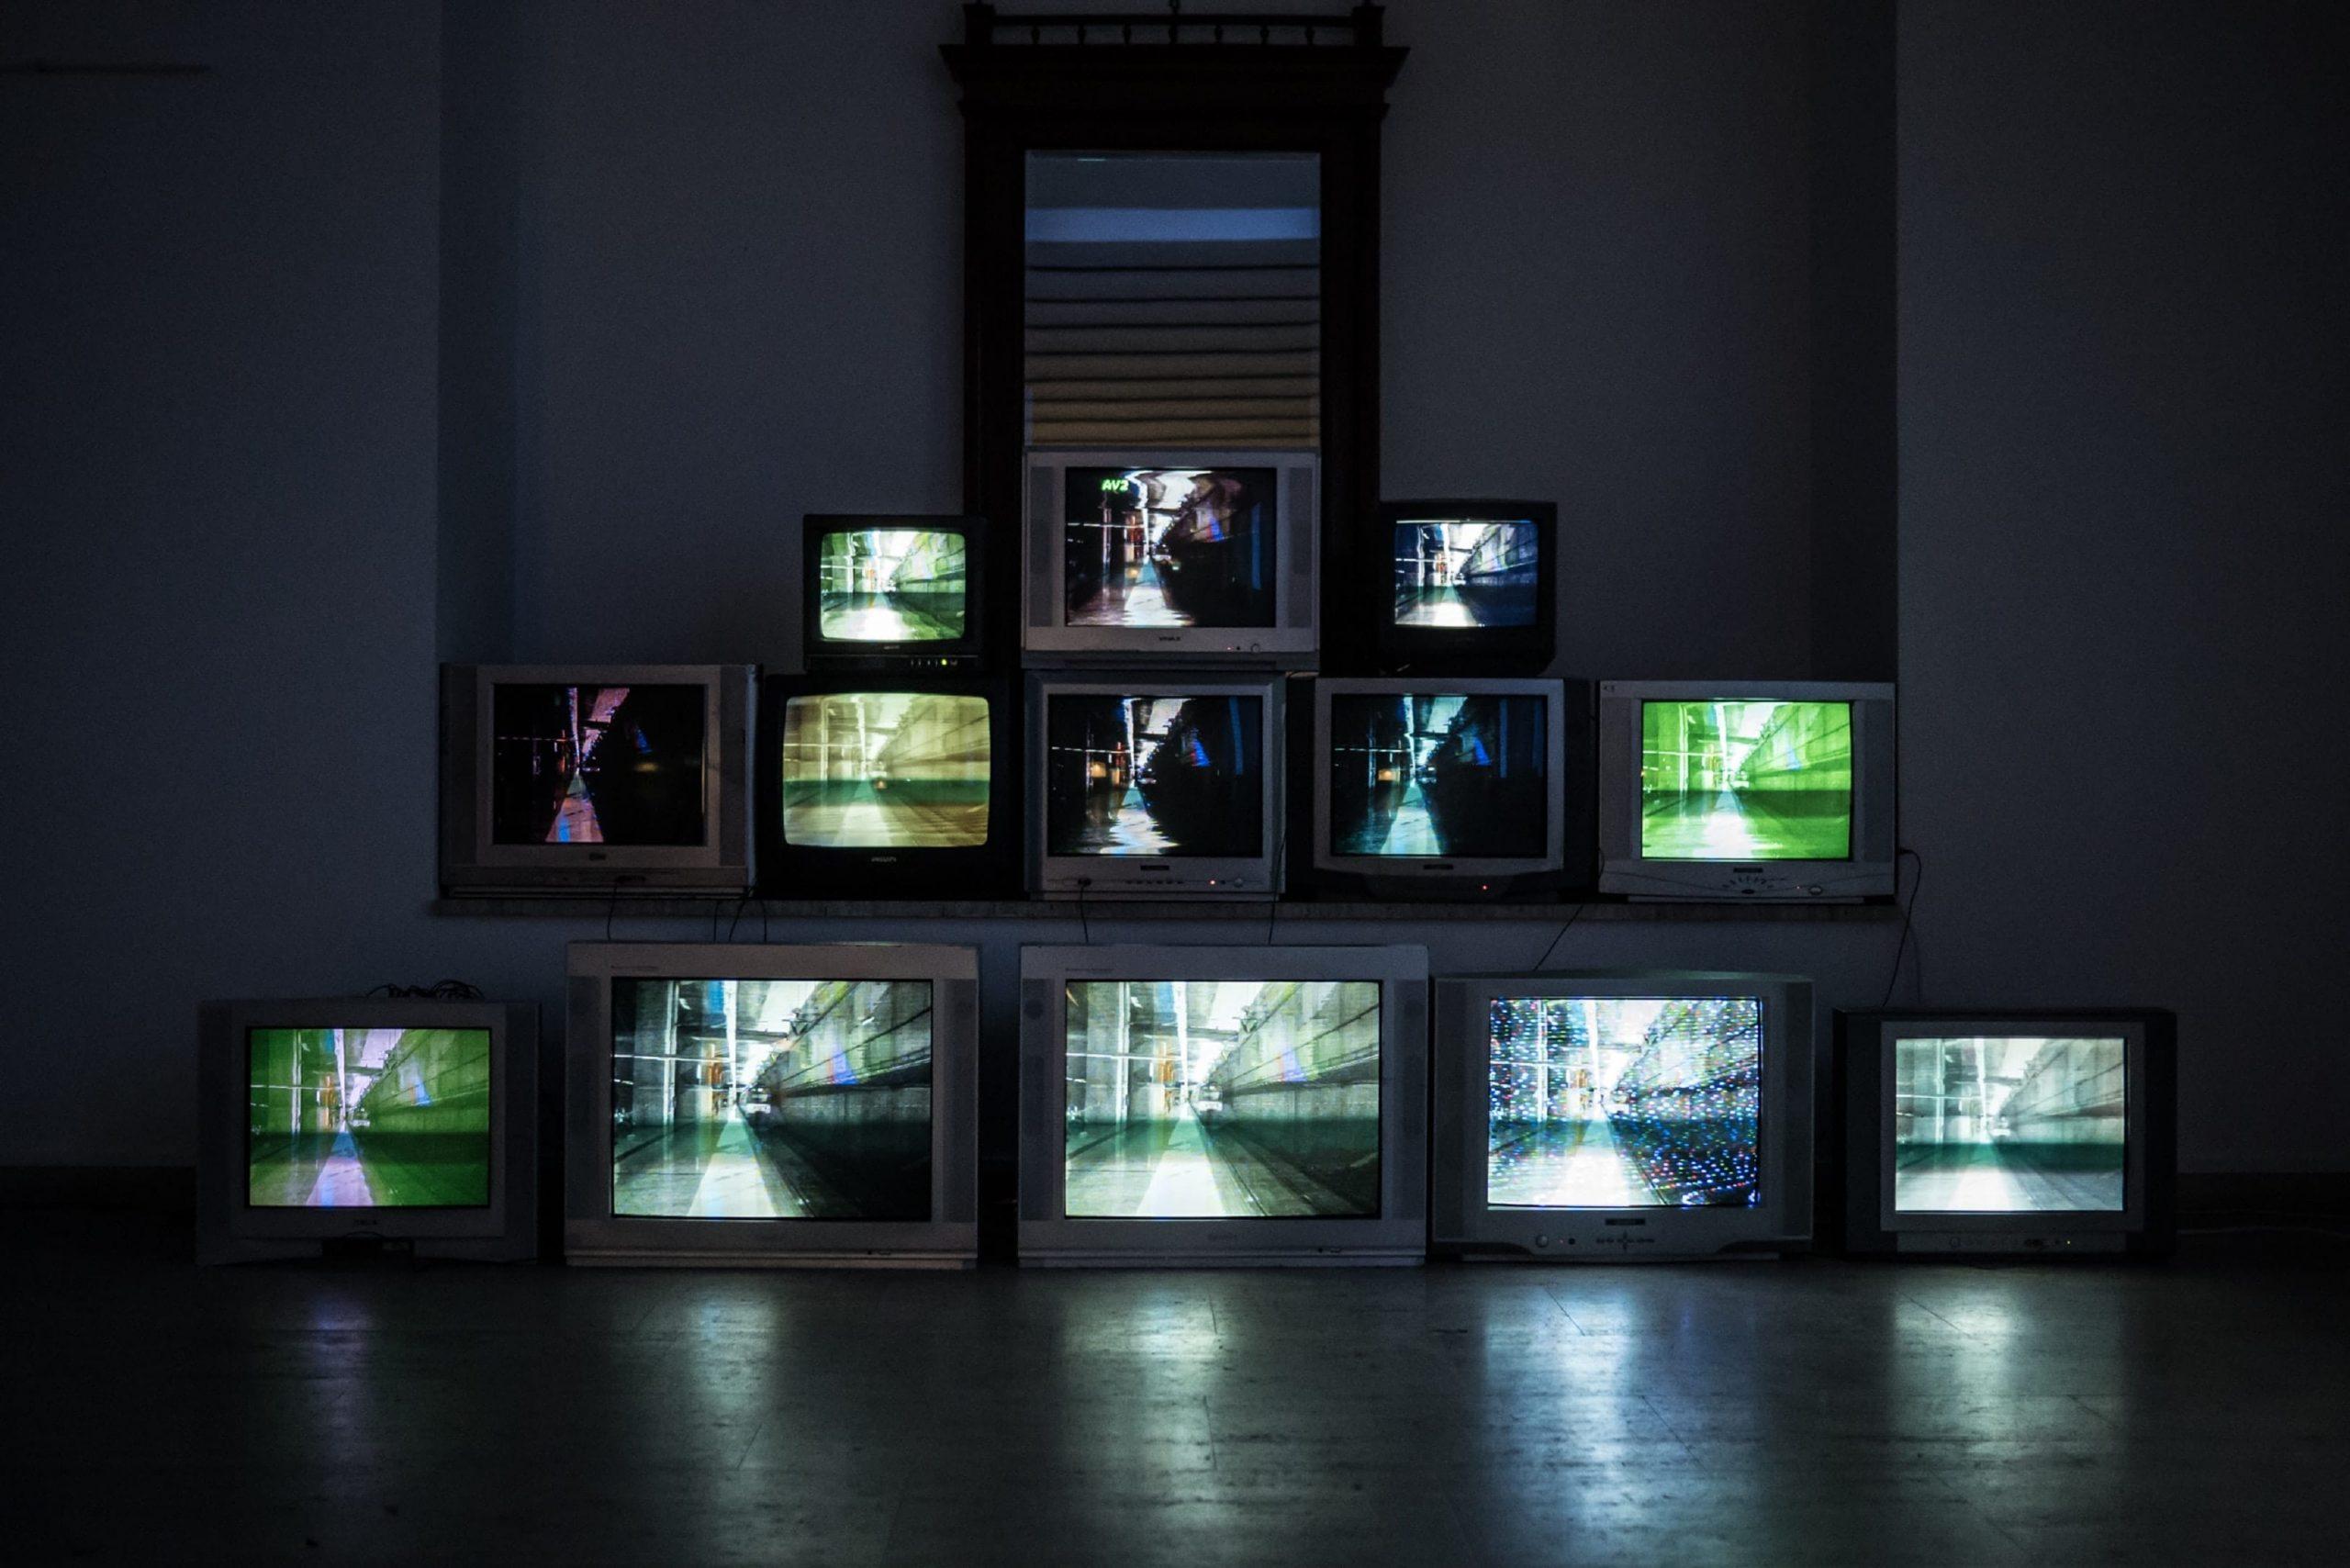 Televisione: cosa cambia e cosa fare in vista del 2022.